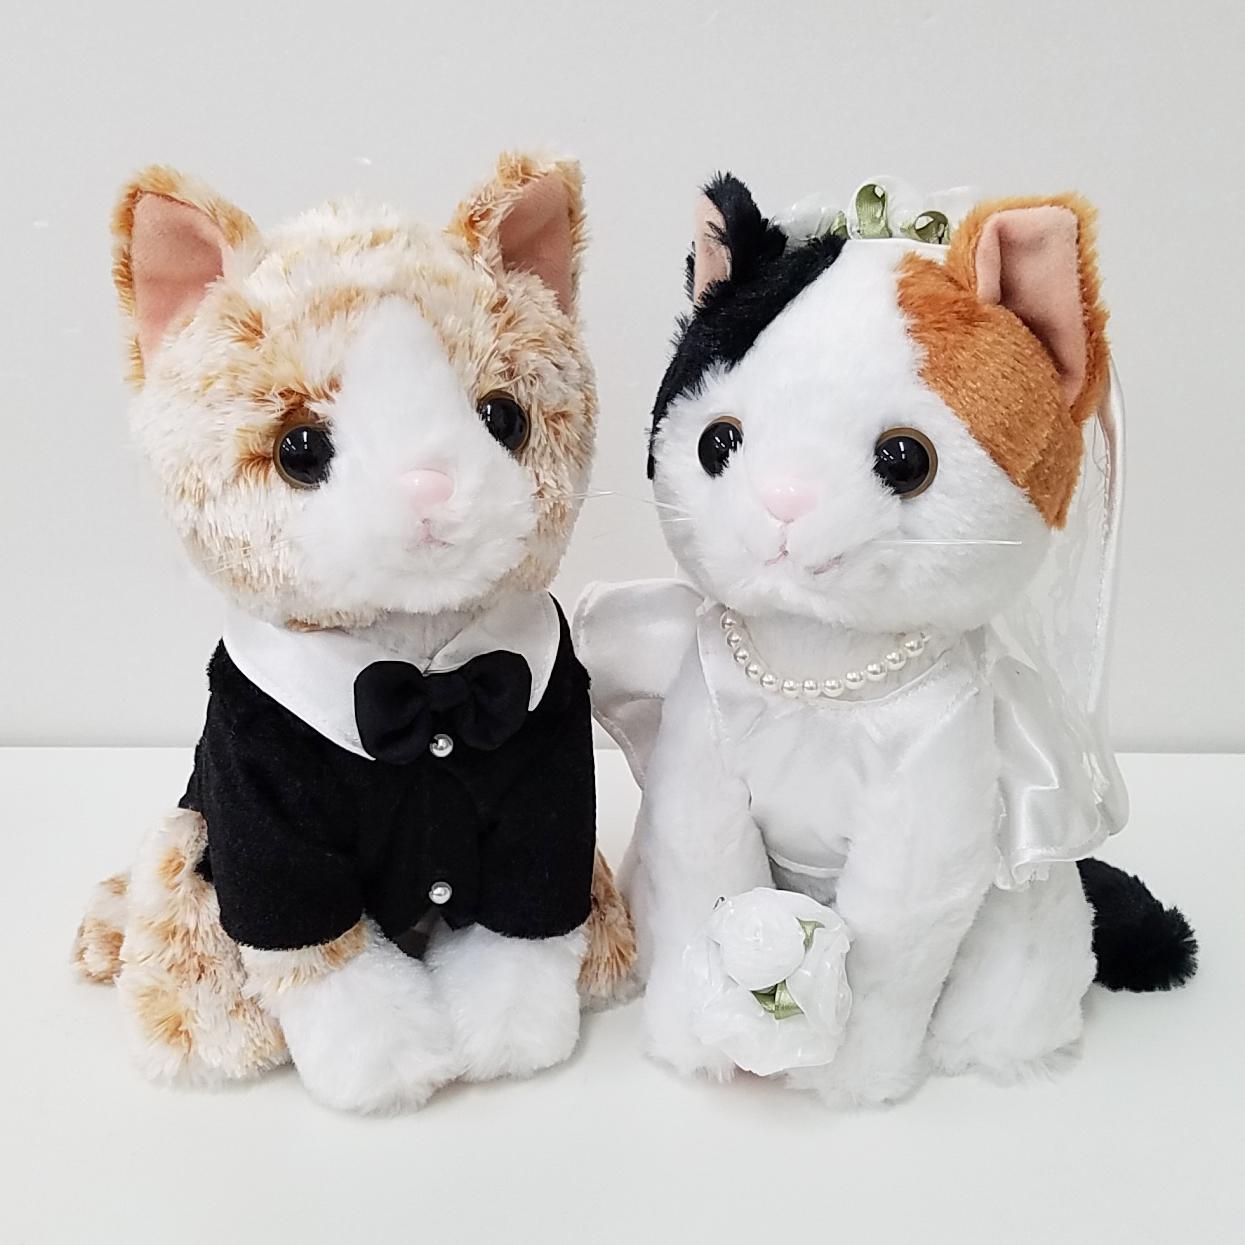 結婚式の受付や結婚祝いに ウェルカムドール プレミアムウェディング ミケネコ 新婦